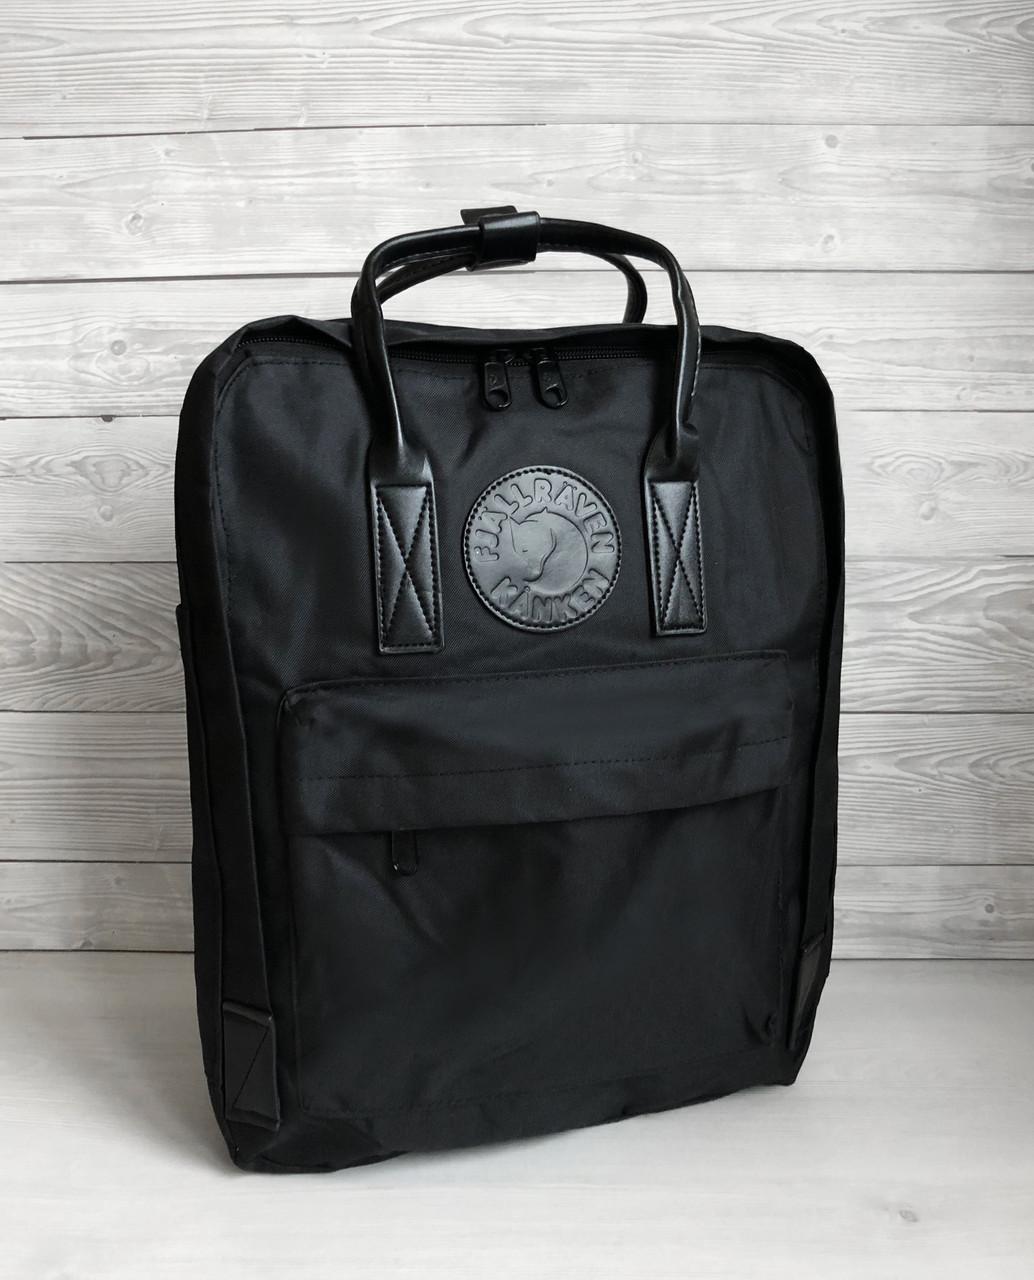 Молодежный женский рюкзак сумка канкен 16 литров Fjallraven Kanken No.2 черный с черными ручками